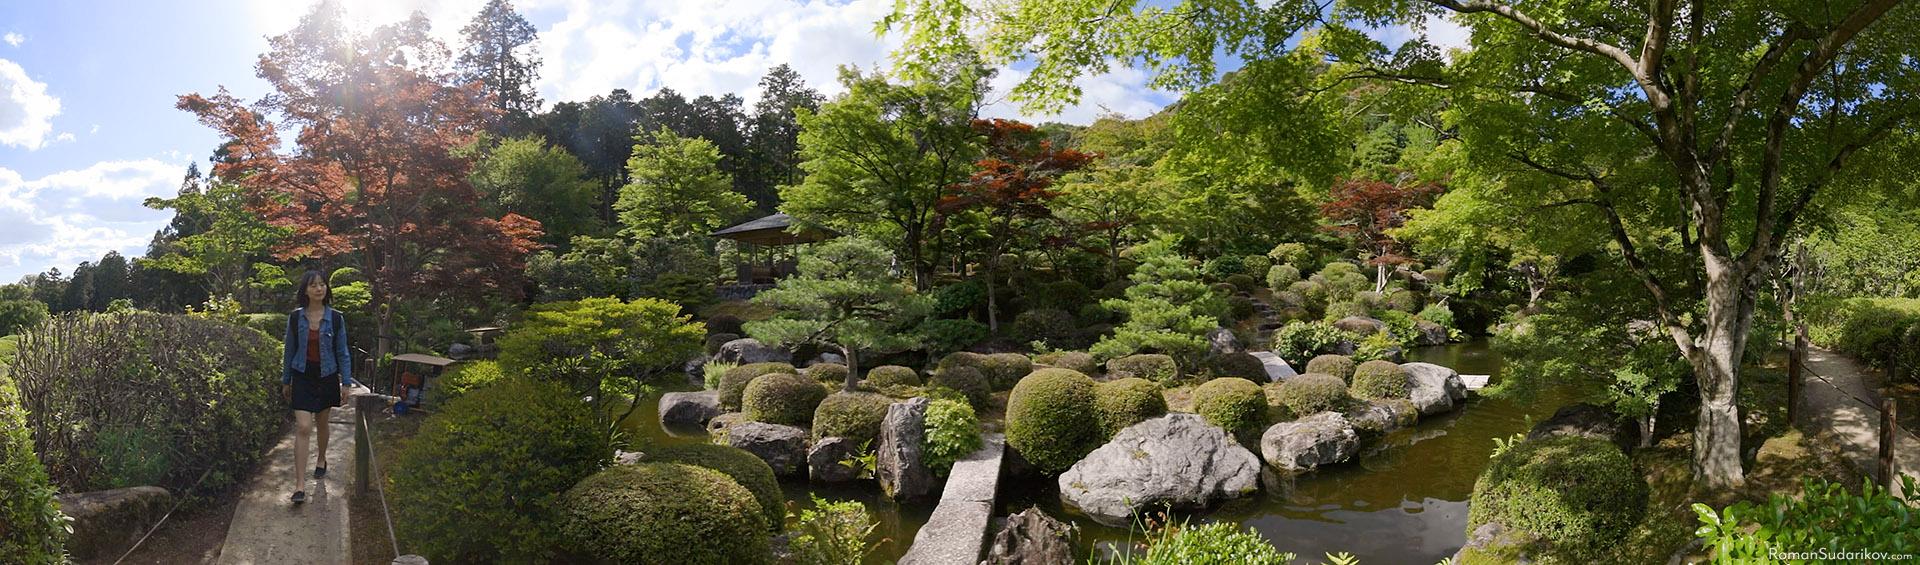 Japanese garden at Mimurotoji Temple in Uji